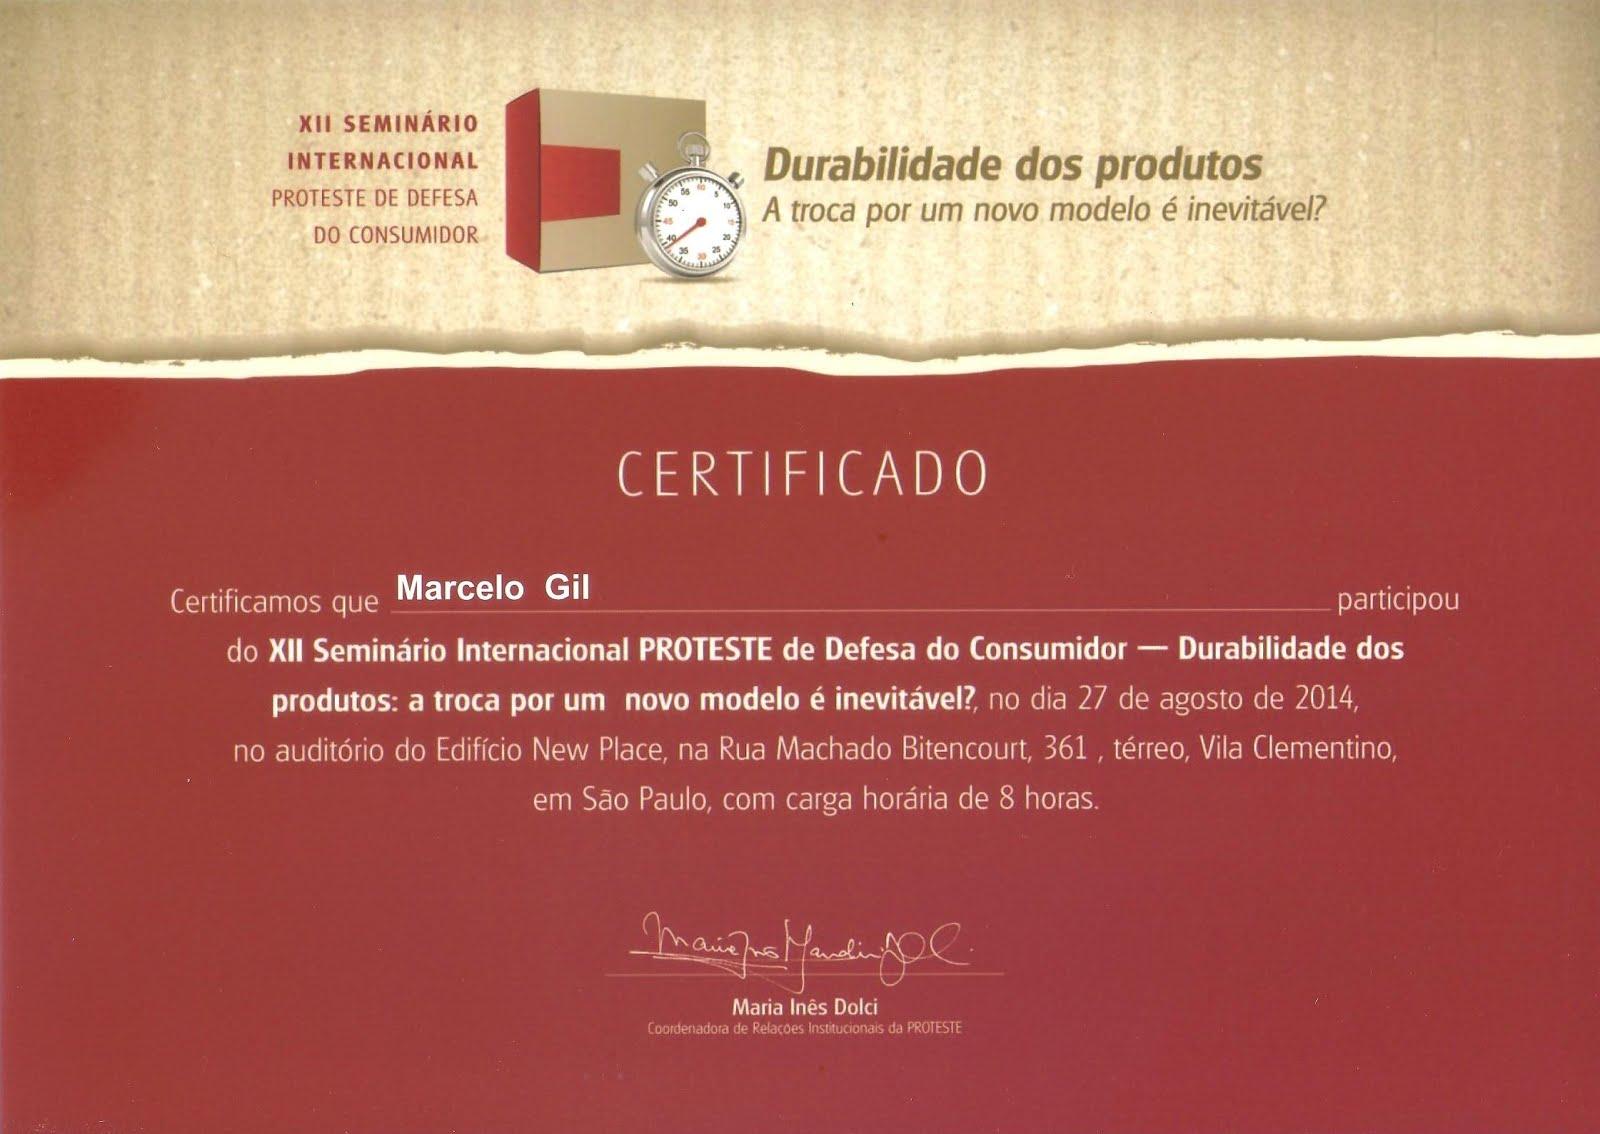 CERTIFICADO DE PARTICIPAÇÃO EM SEMINÁRIO DA ASSOCIAÇÃO BRASILEIRA DE DEFESA DO CONSUMIDOR - 2014